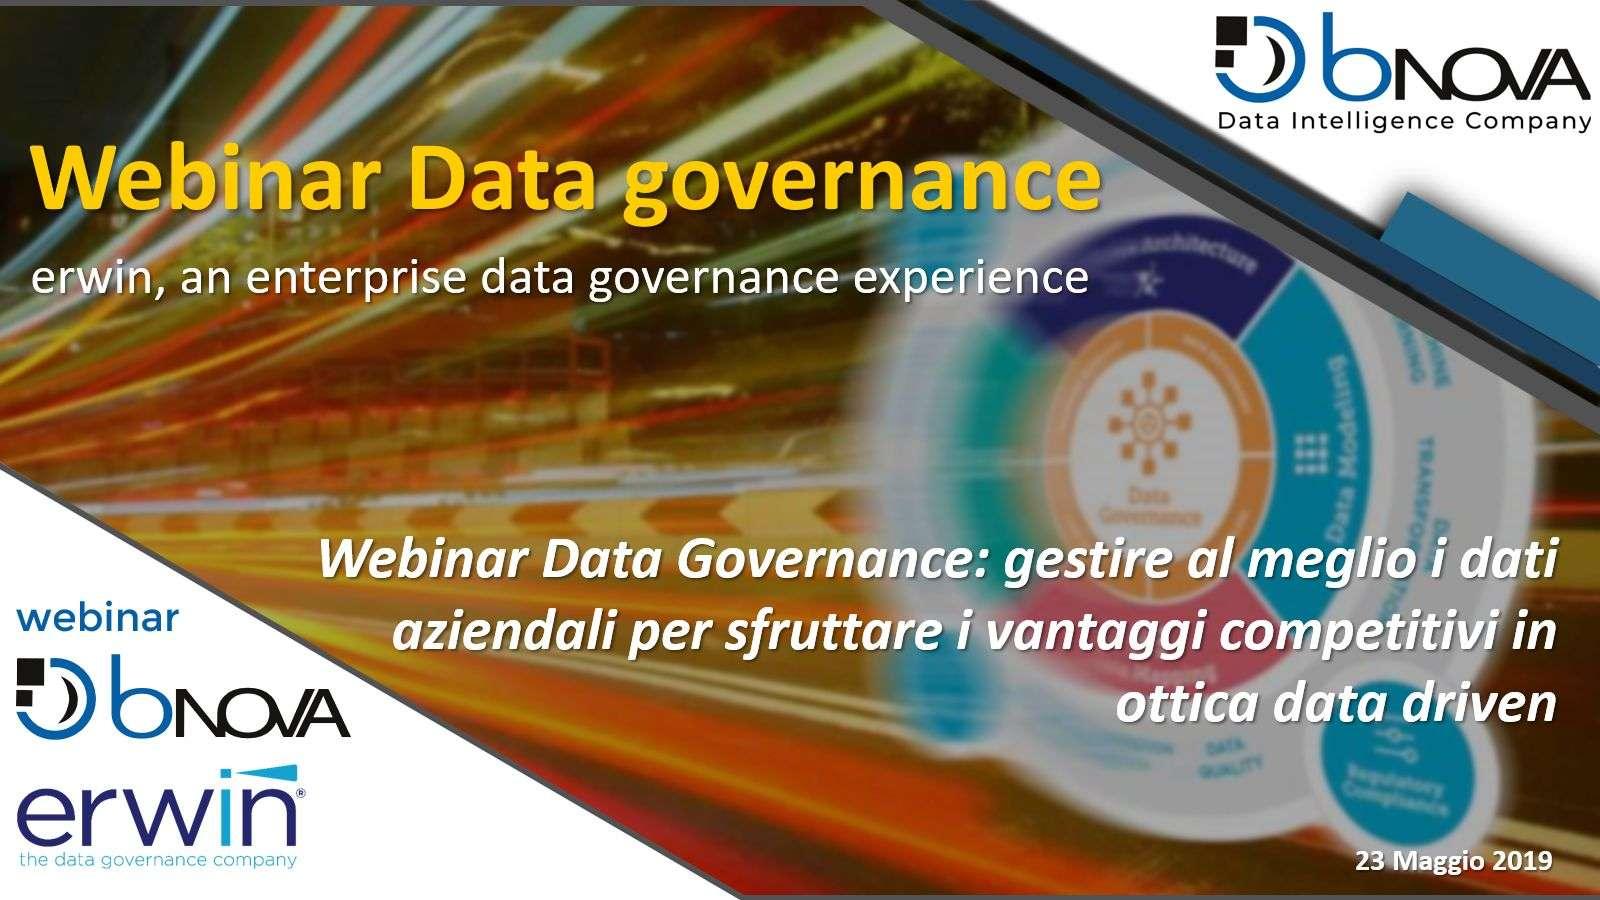 webinar-erwin-datagovernance